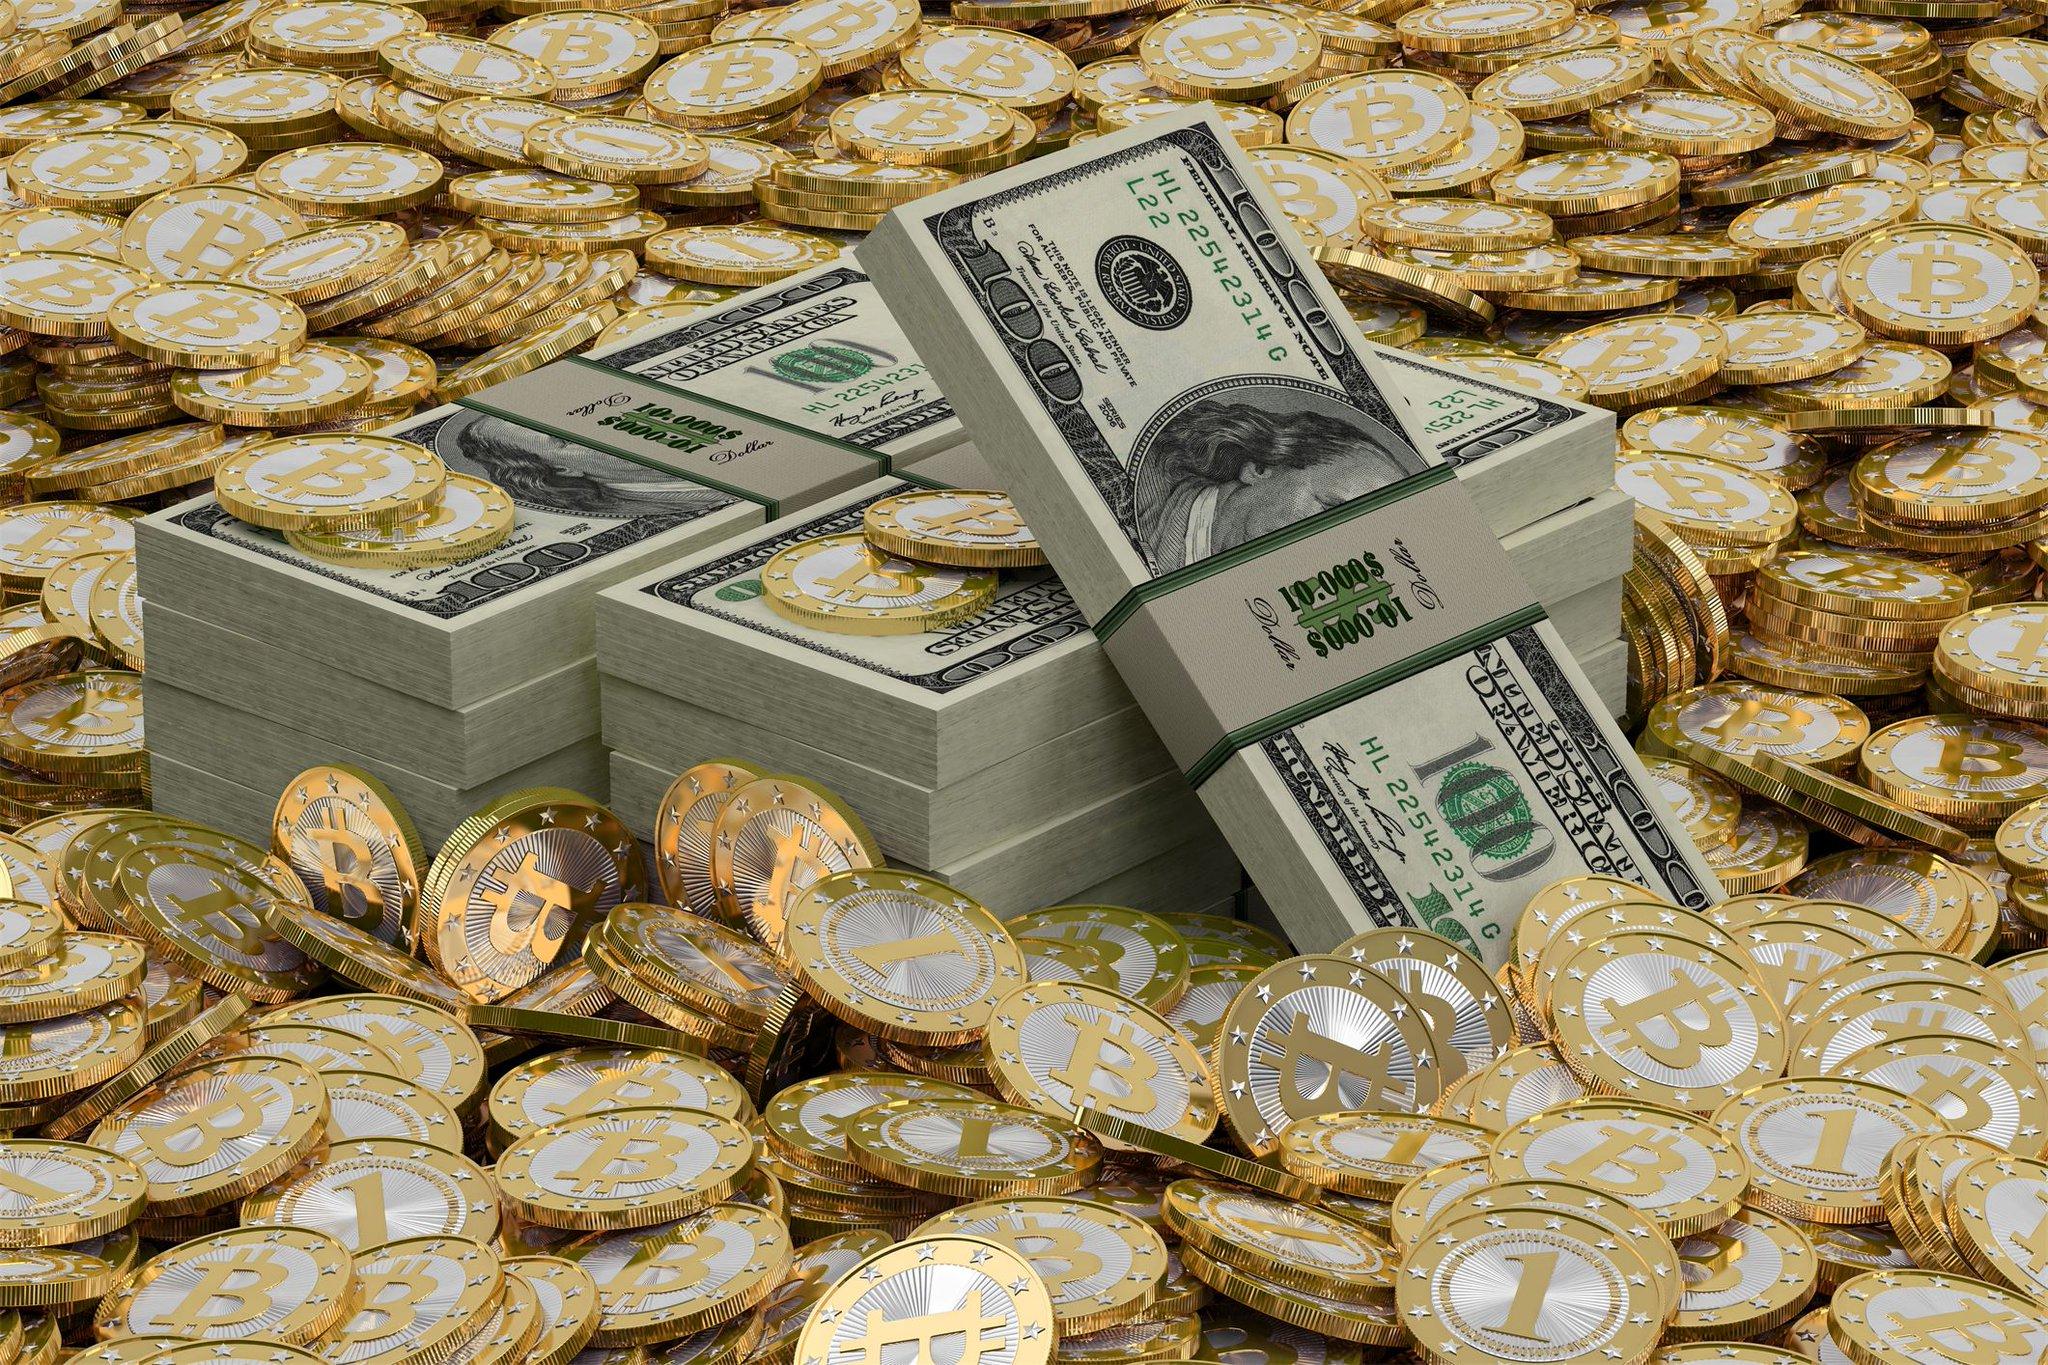 Картинка с золотом и деньгами, мишка косолапый